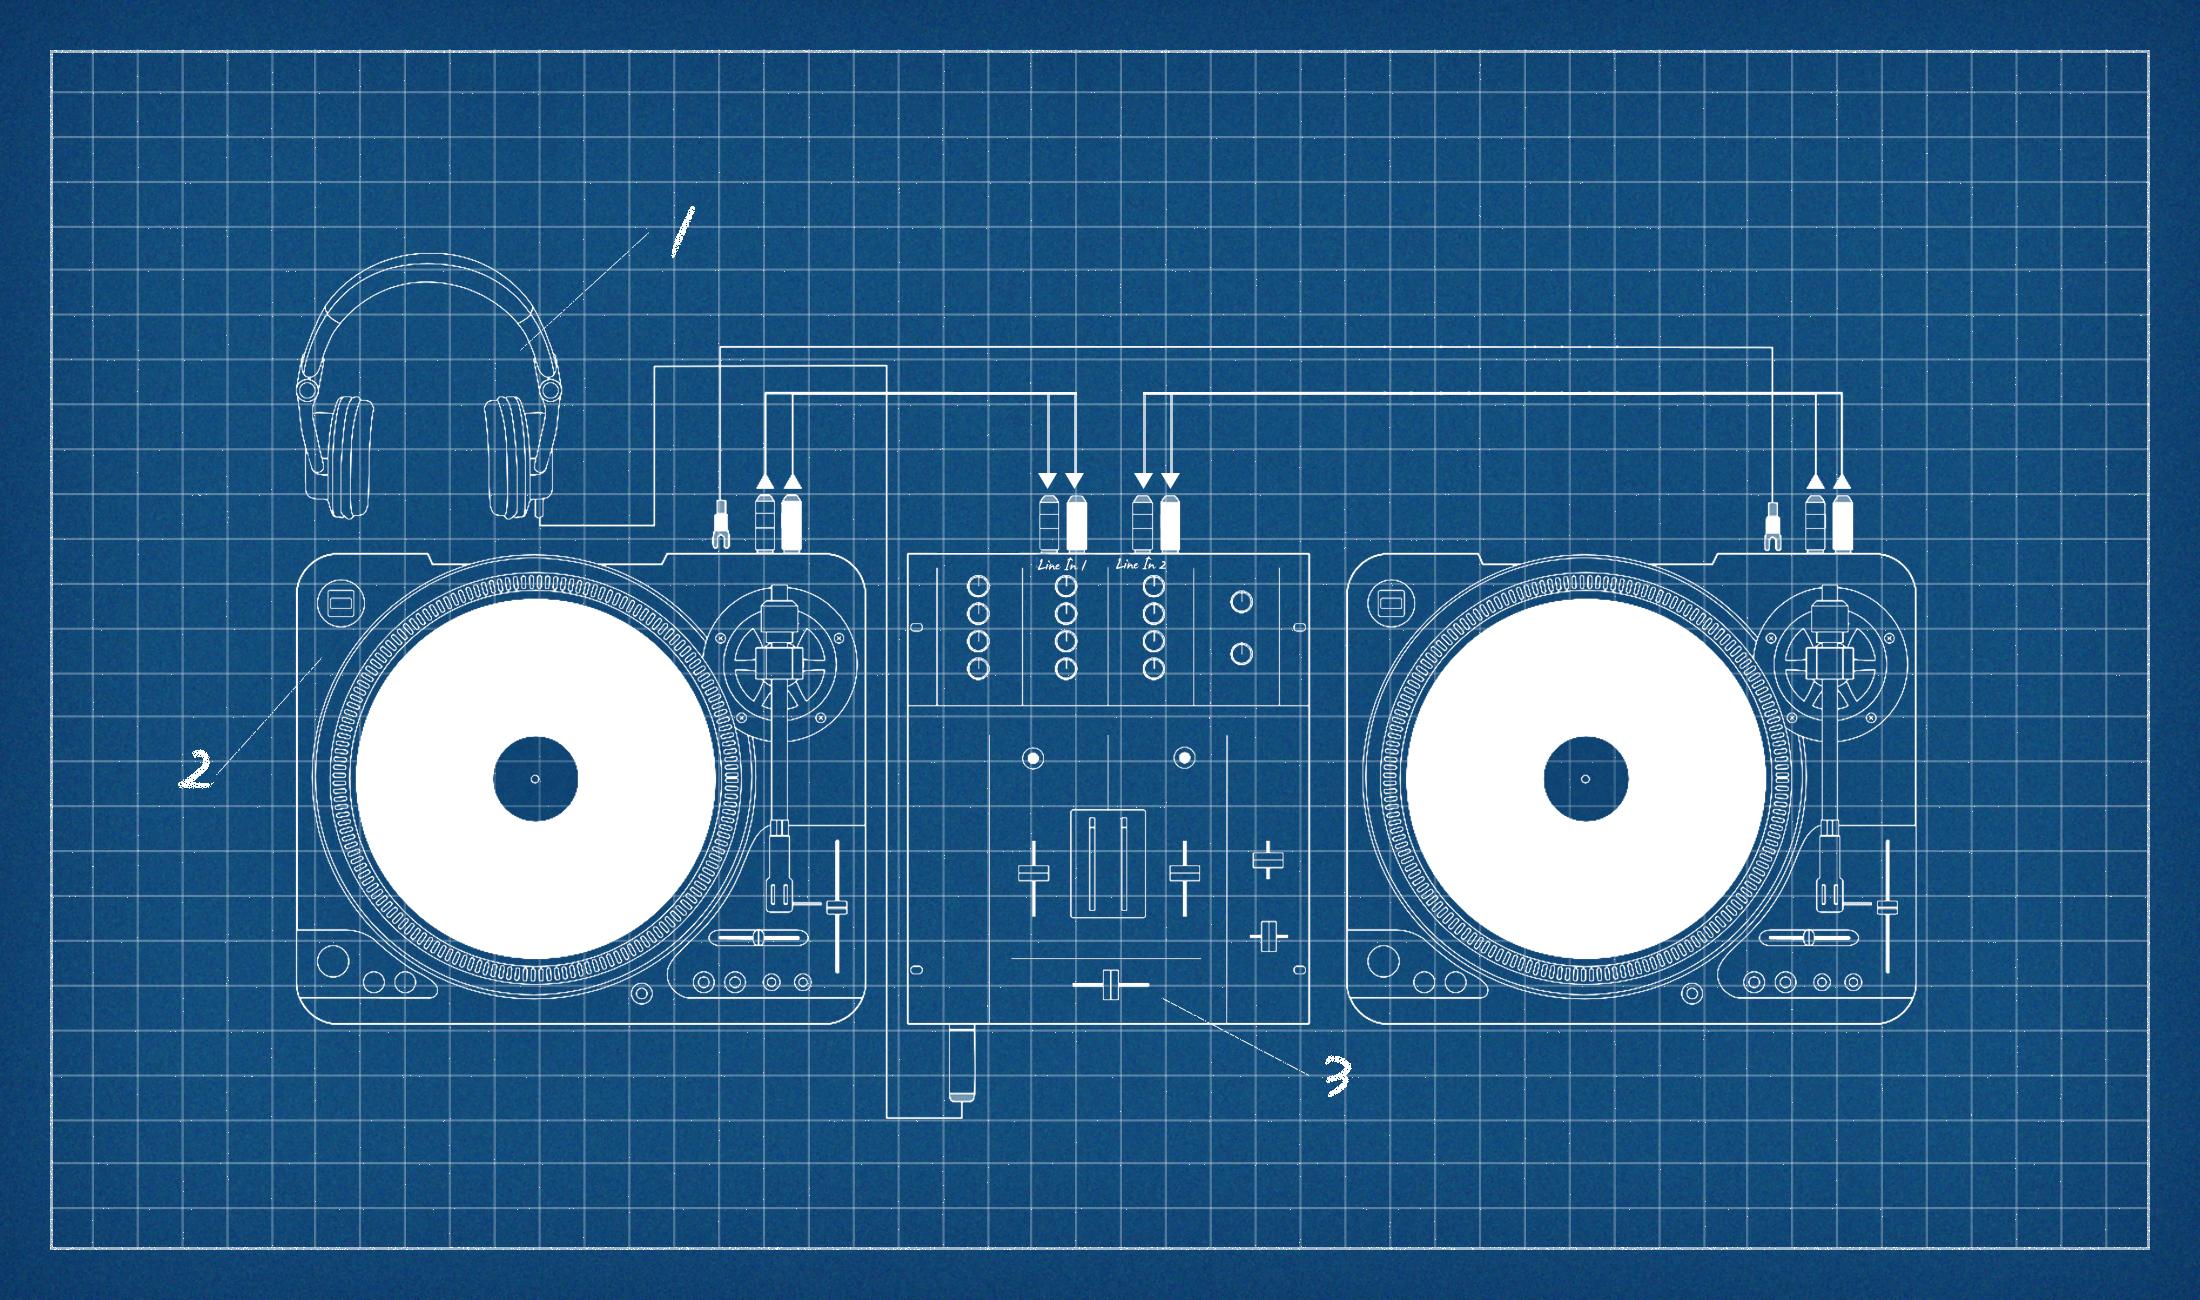 Ein Setup aus Plattenspieler, Mixer und Kopfhörer.